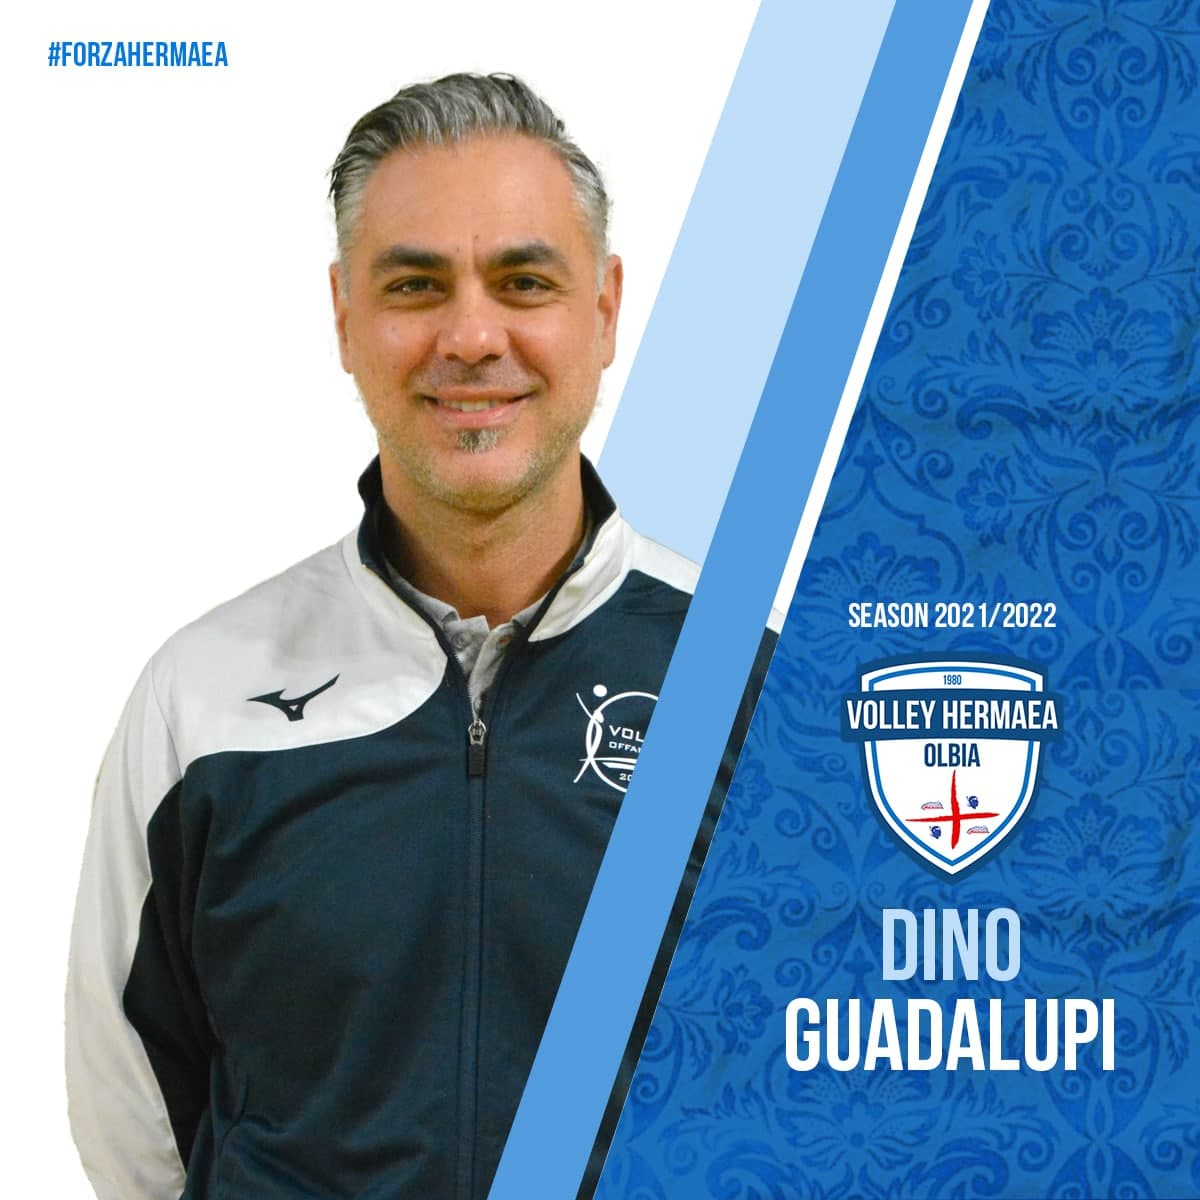 Dino Guadalupi Grafica